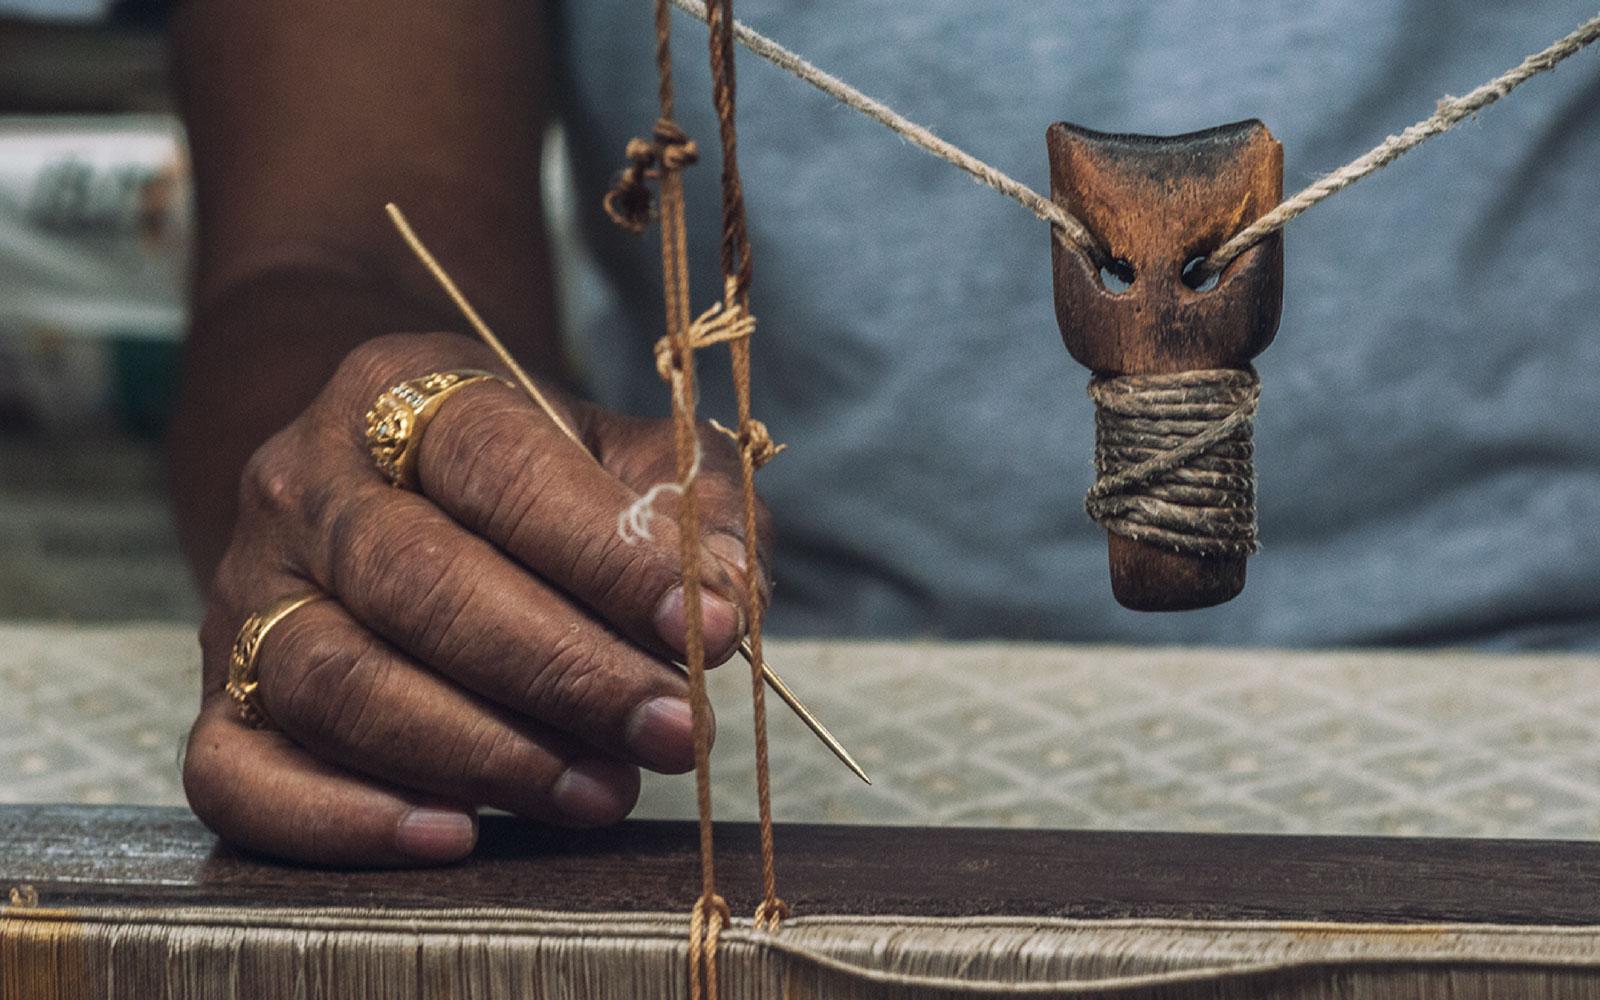 Master weaver Jyotish Debnath sits at his hand loom